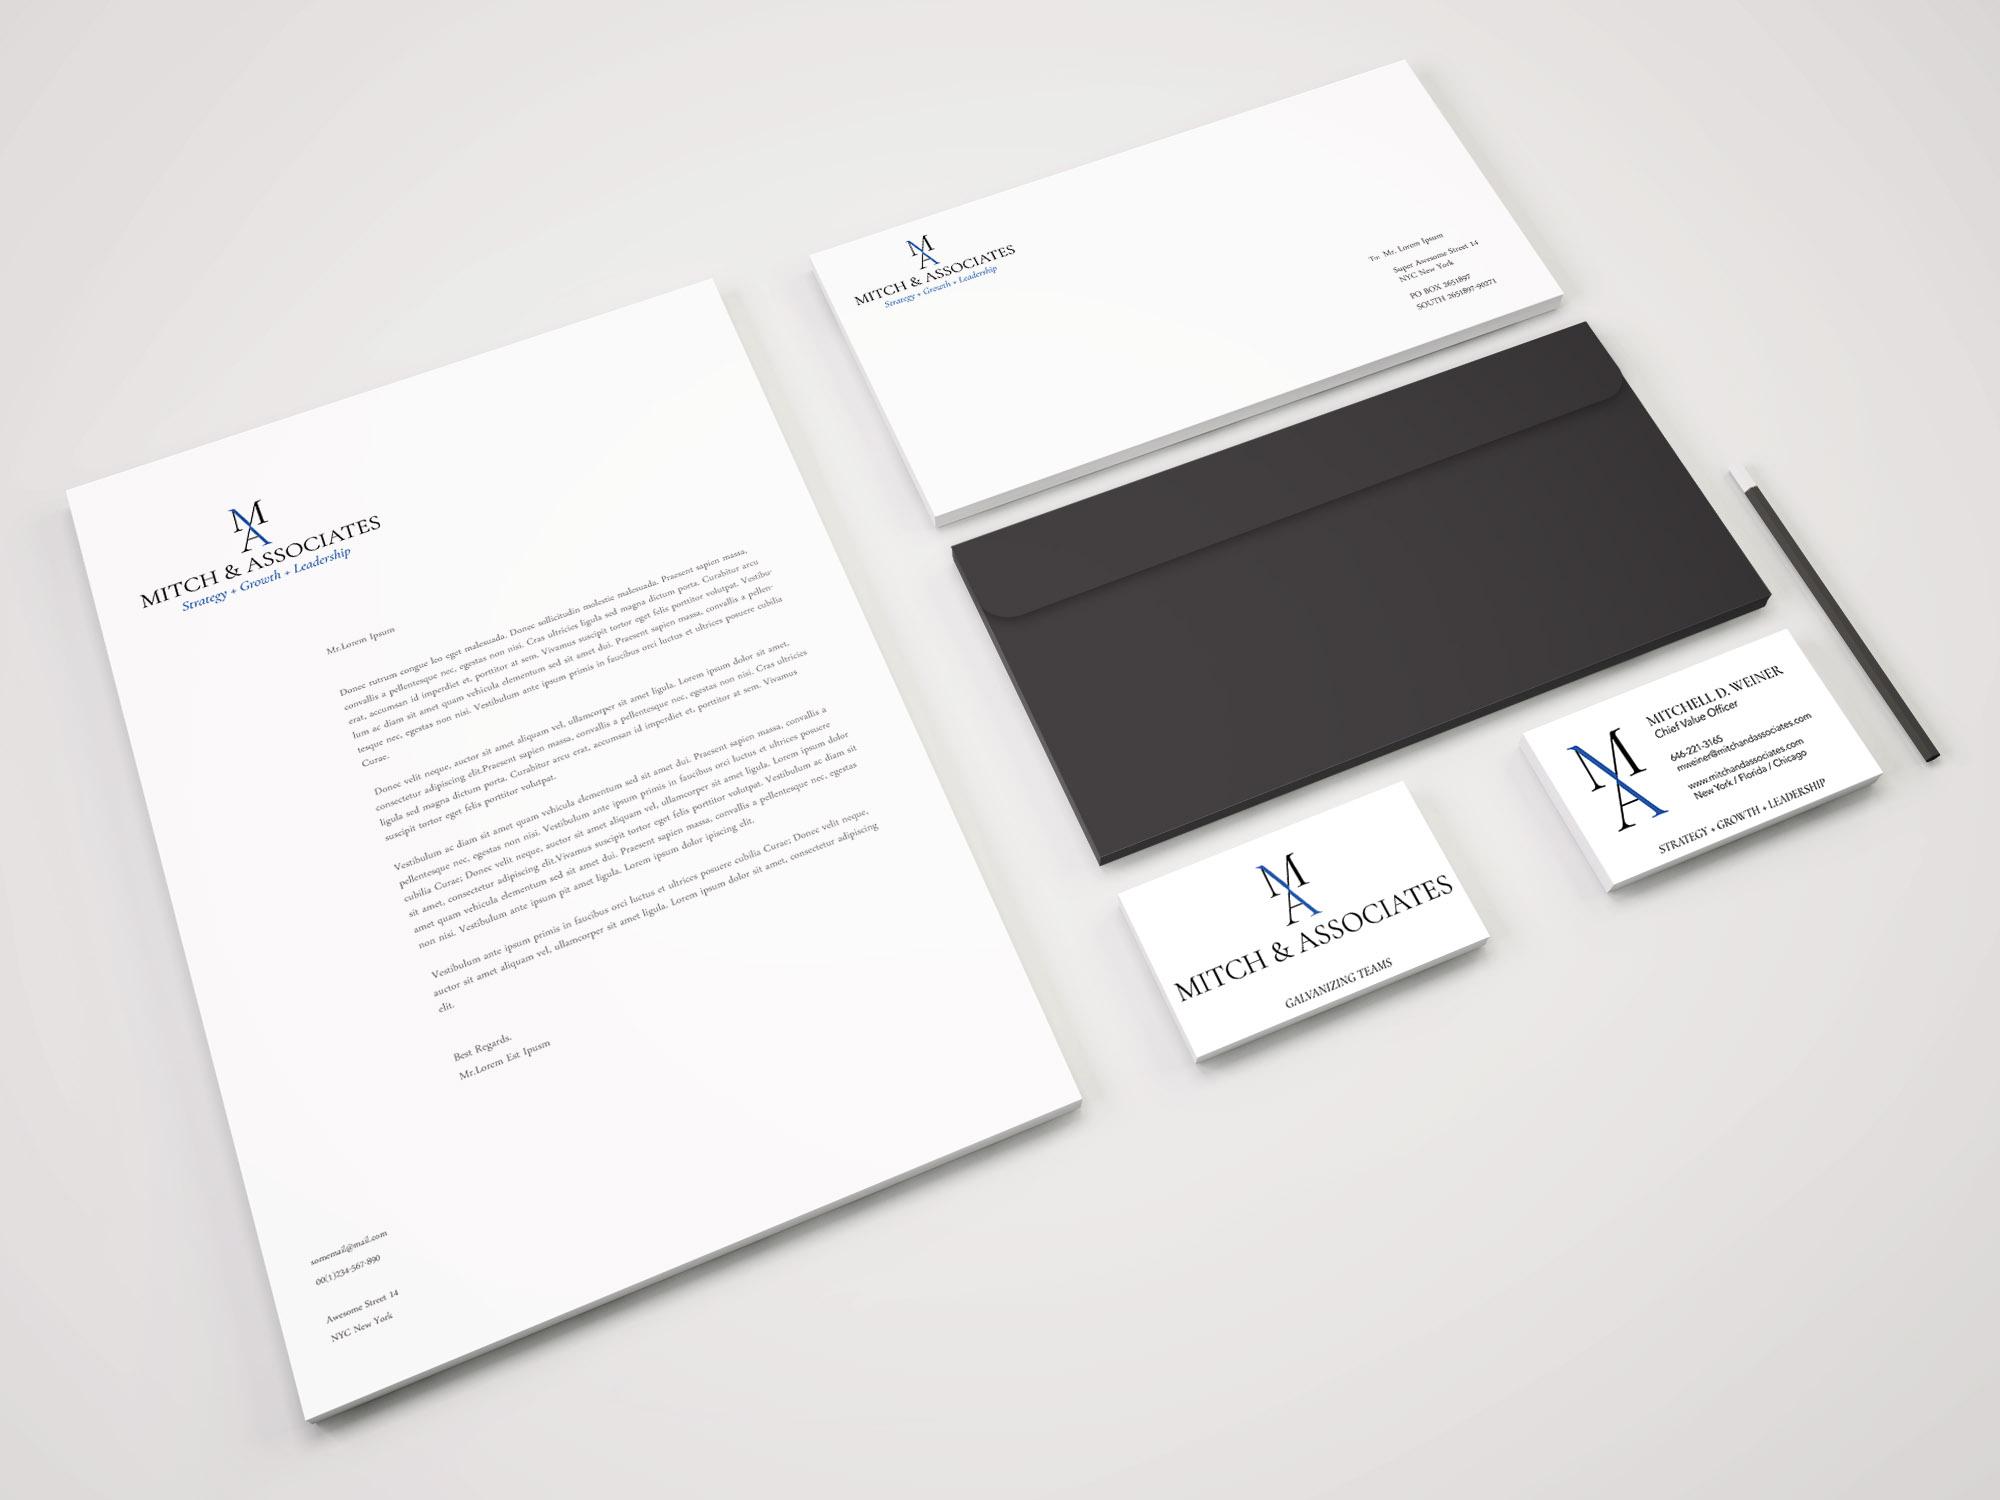 branding-mockup.jpg